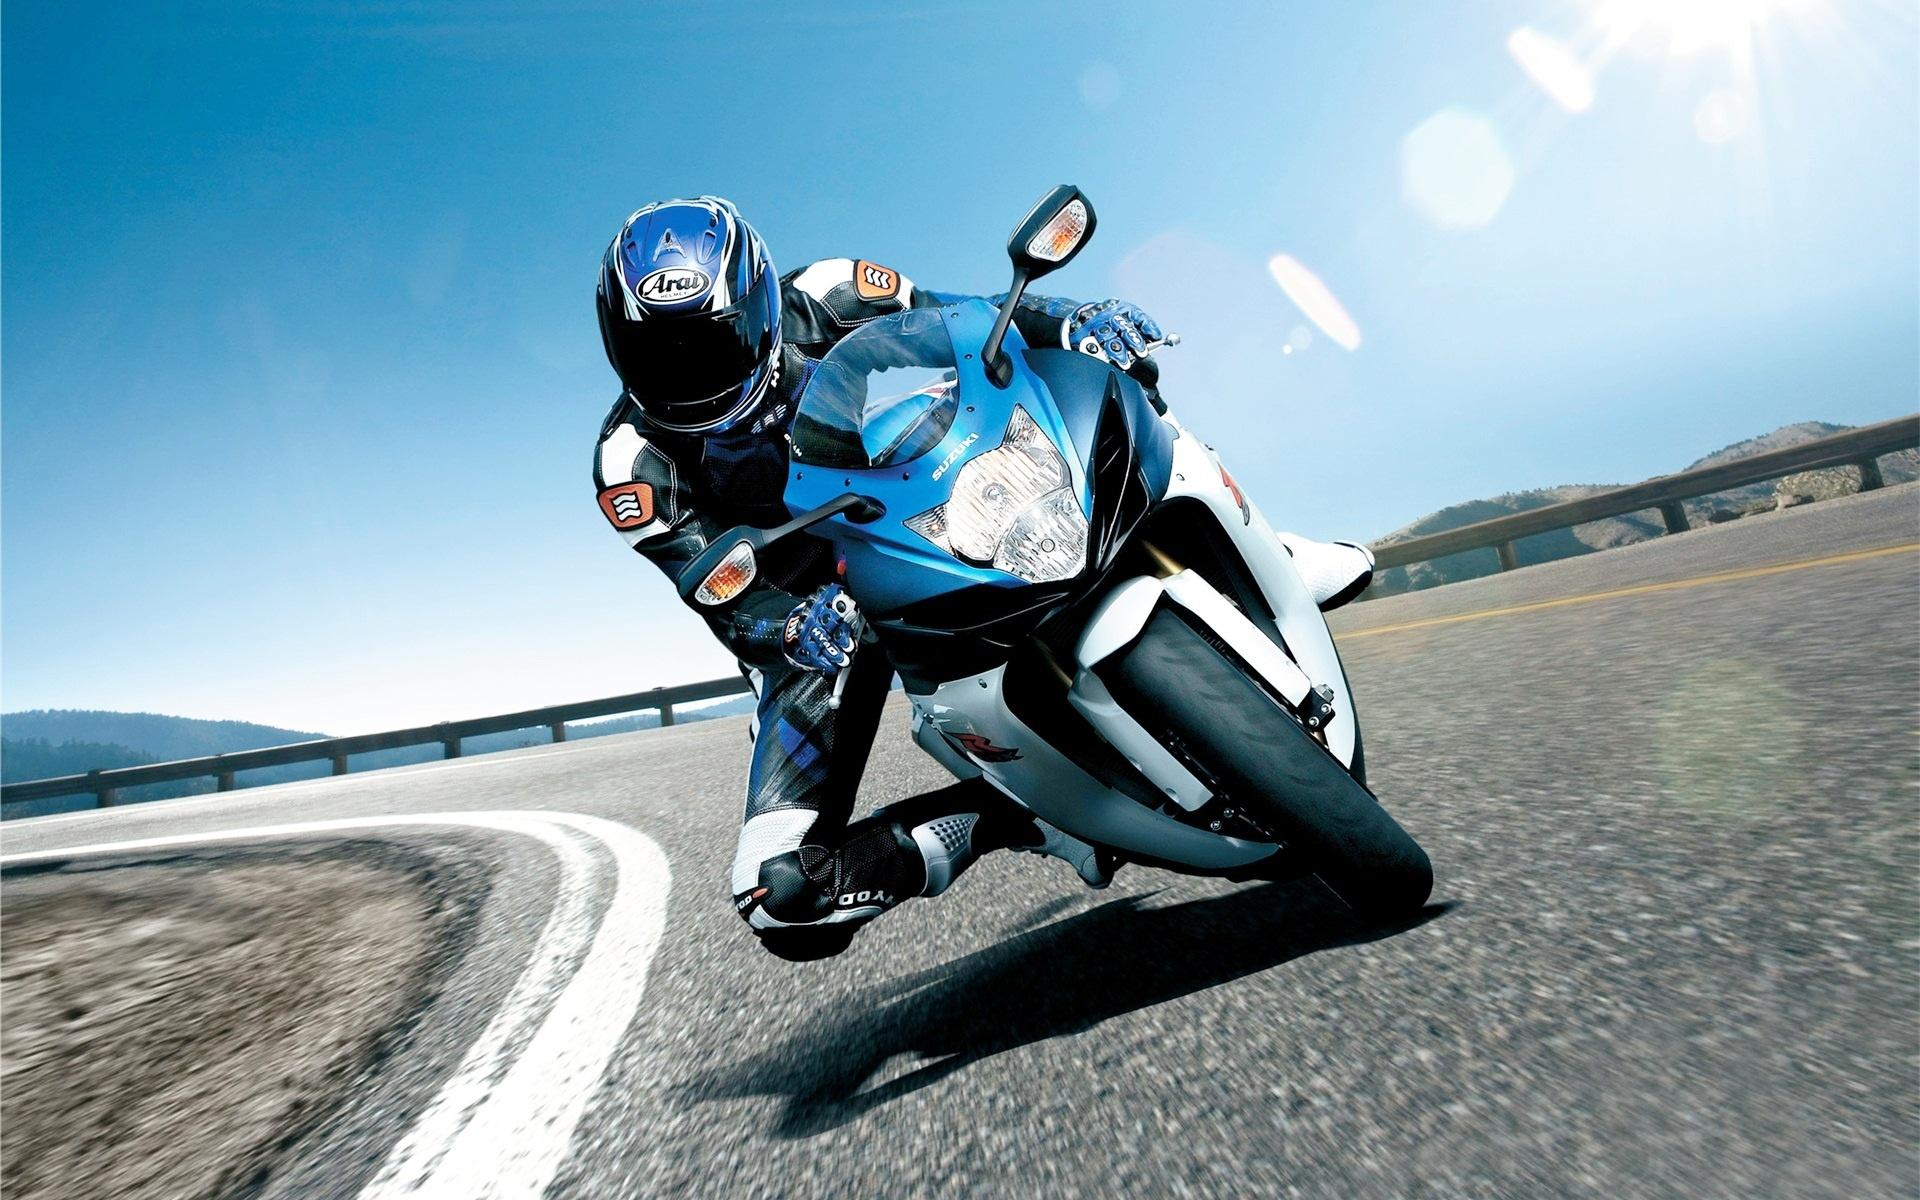 suzuki biker wallpapers in jpg format for free download